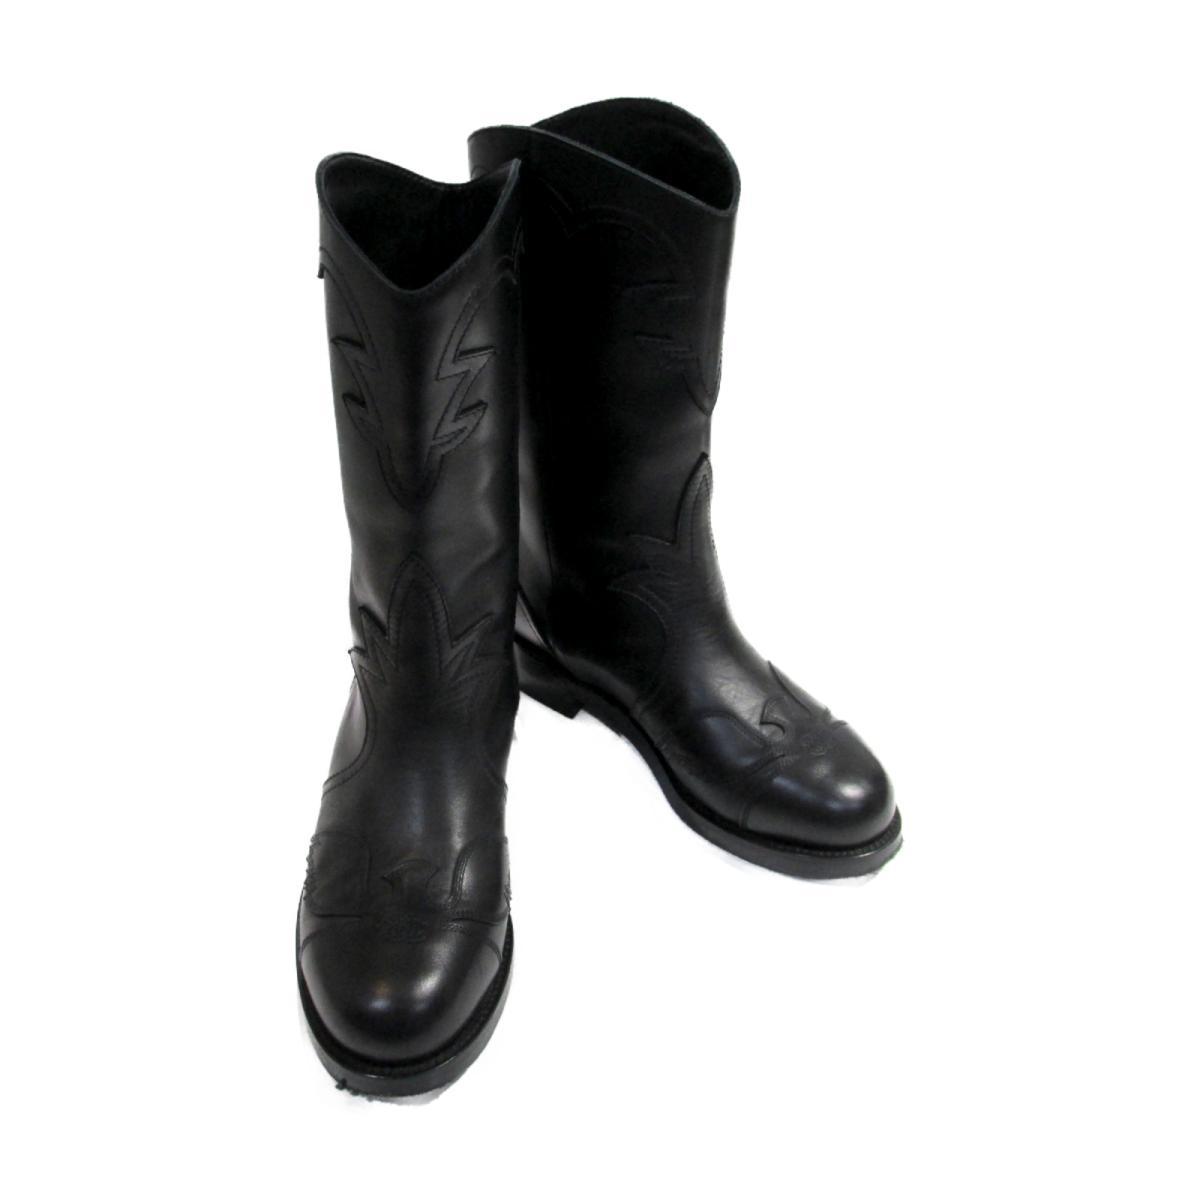 【中古】シャネル ブーツ レディース レザー ブラック | CHANEL BRANDOFF ブランドオフ ブランド 靴 シューズ クツ